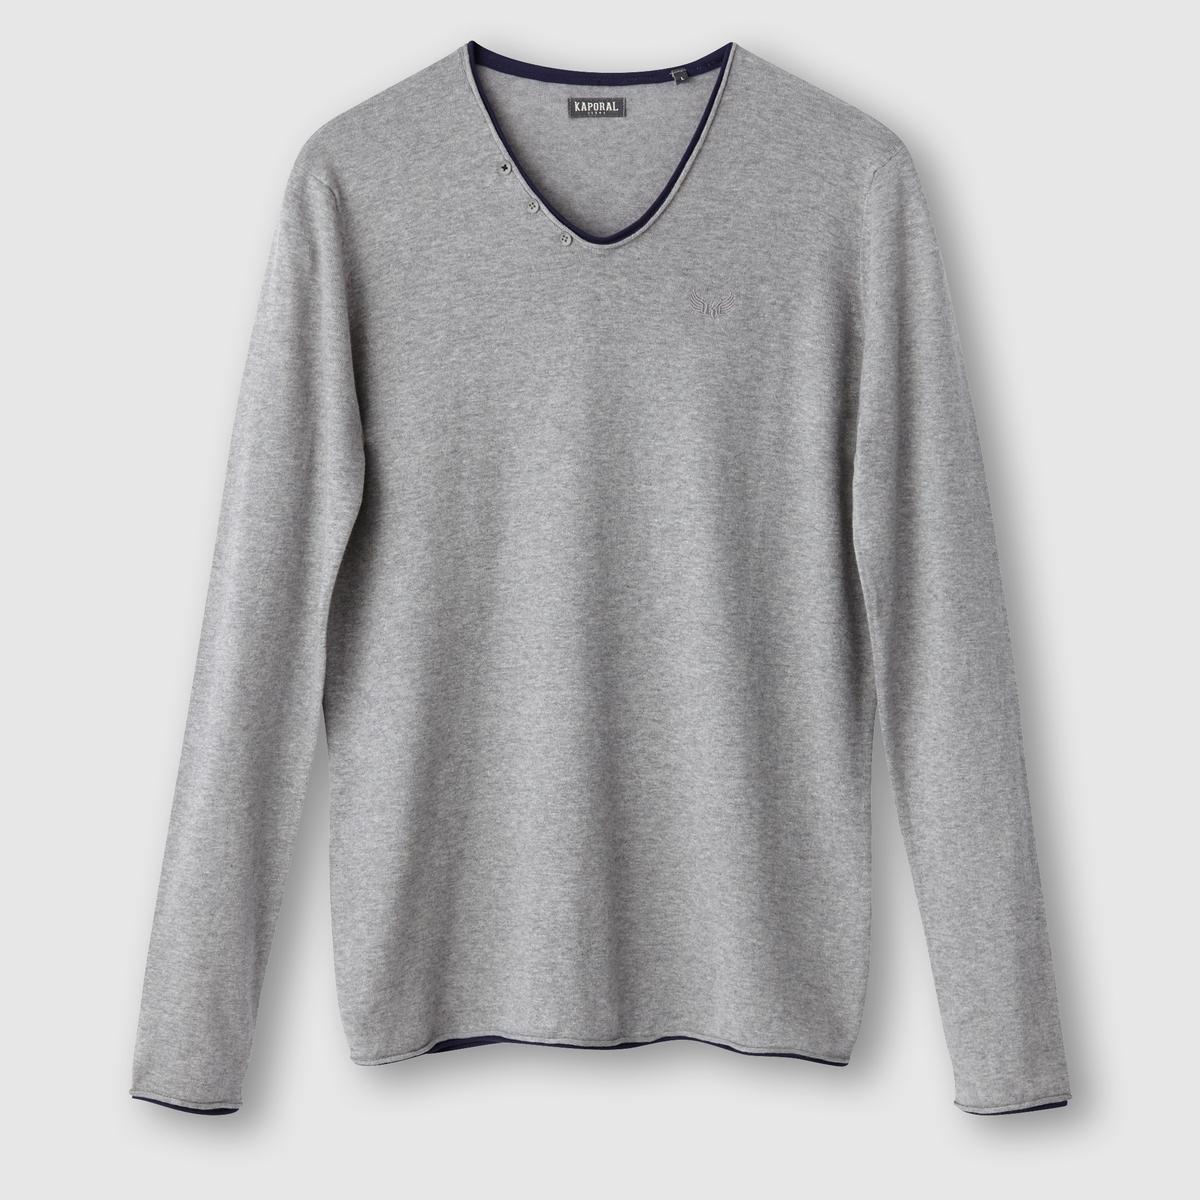 Пуловер Kerin с V-образным вырезомСостав и описаниеМатериал : 100% хлопкаМарка : KAPORAL<br><br>Цвет: серый меланж,черный<br>Размер: S